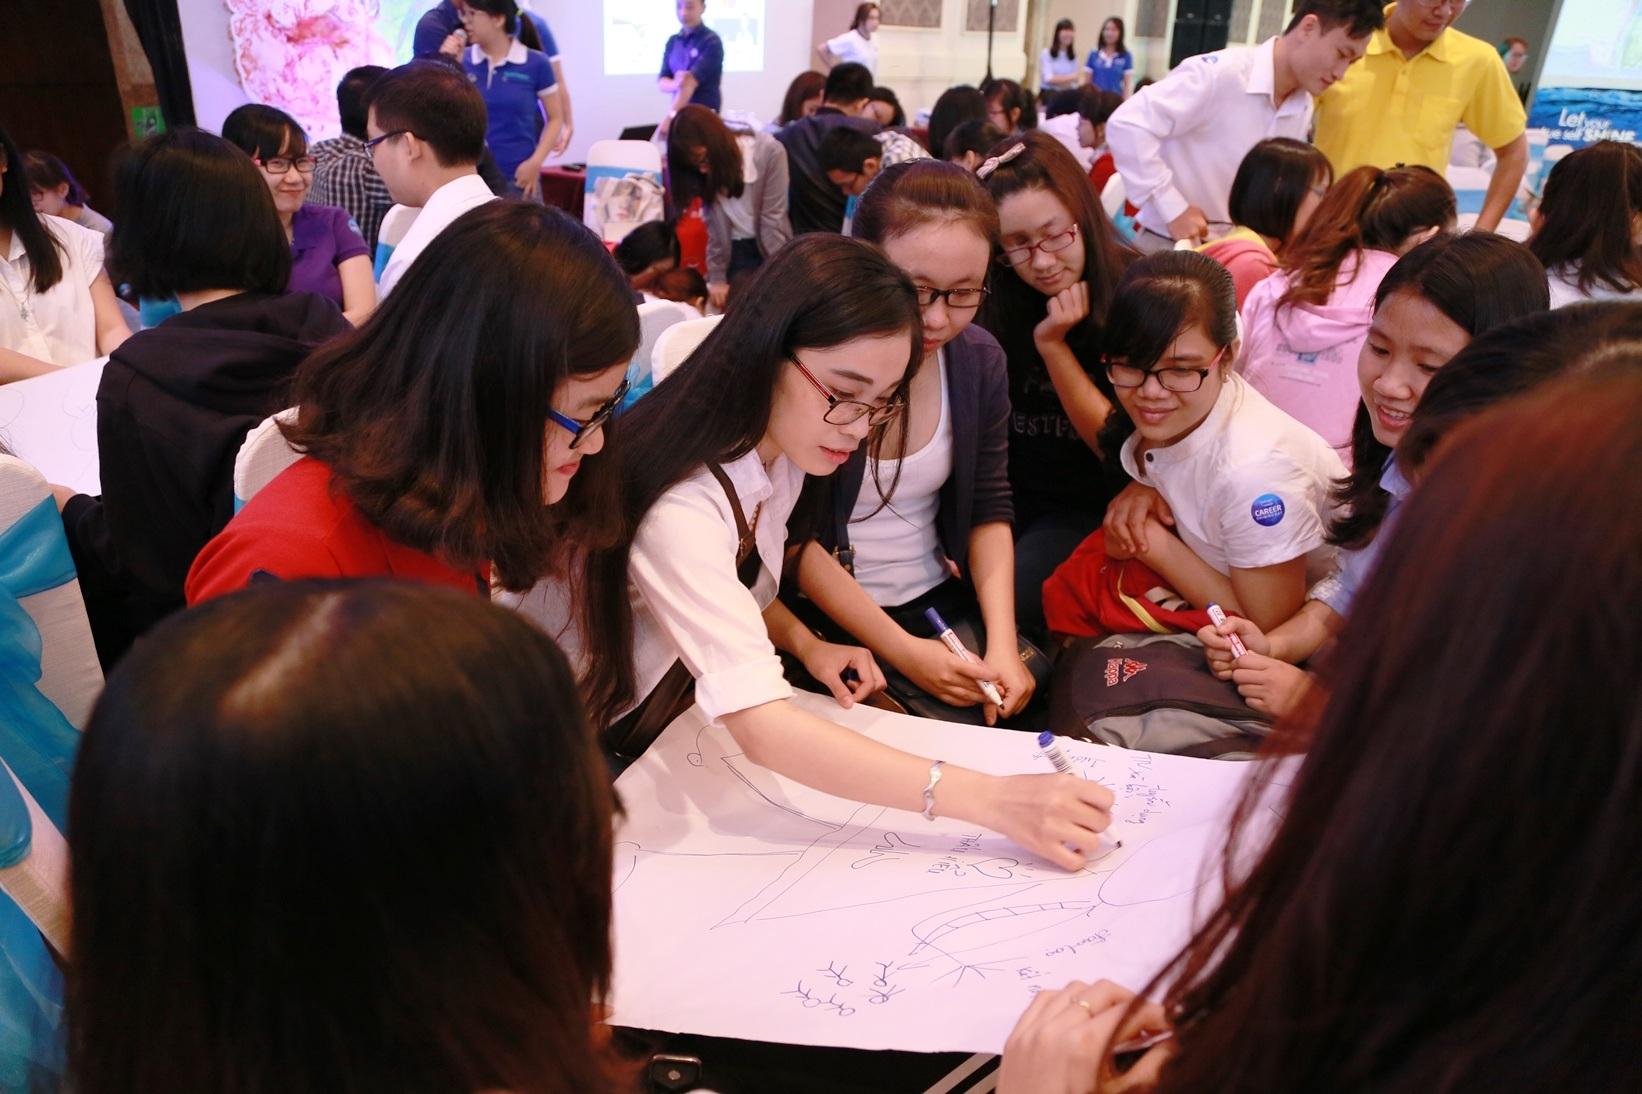 Từ nay đến hết tháng 3/2016, các bạn sinh viên có thể nộp hồ sơ tham gia chương trình Quản trị viên tập sự để trở thành thành viên của Suntory PepsiCo Việt Nam